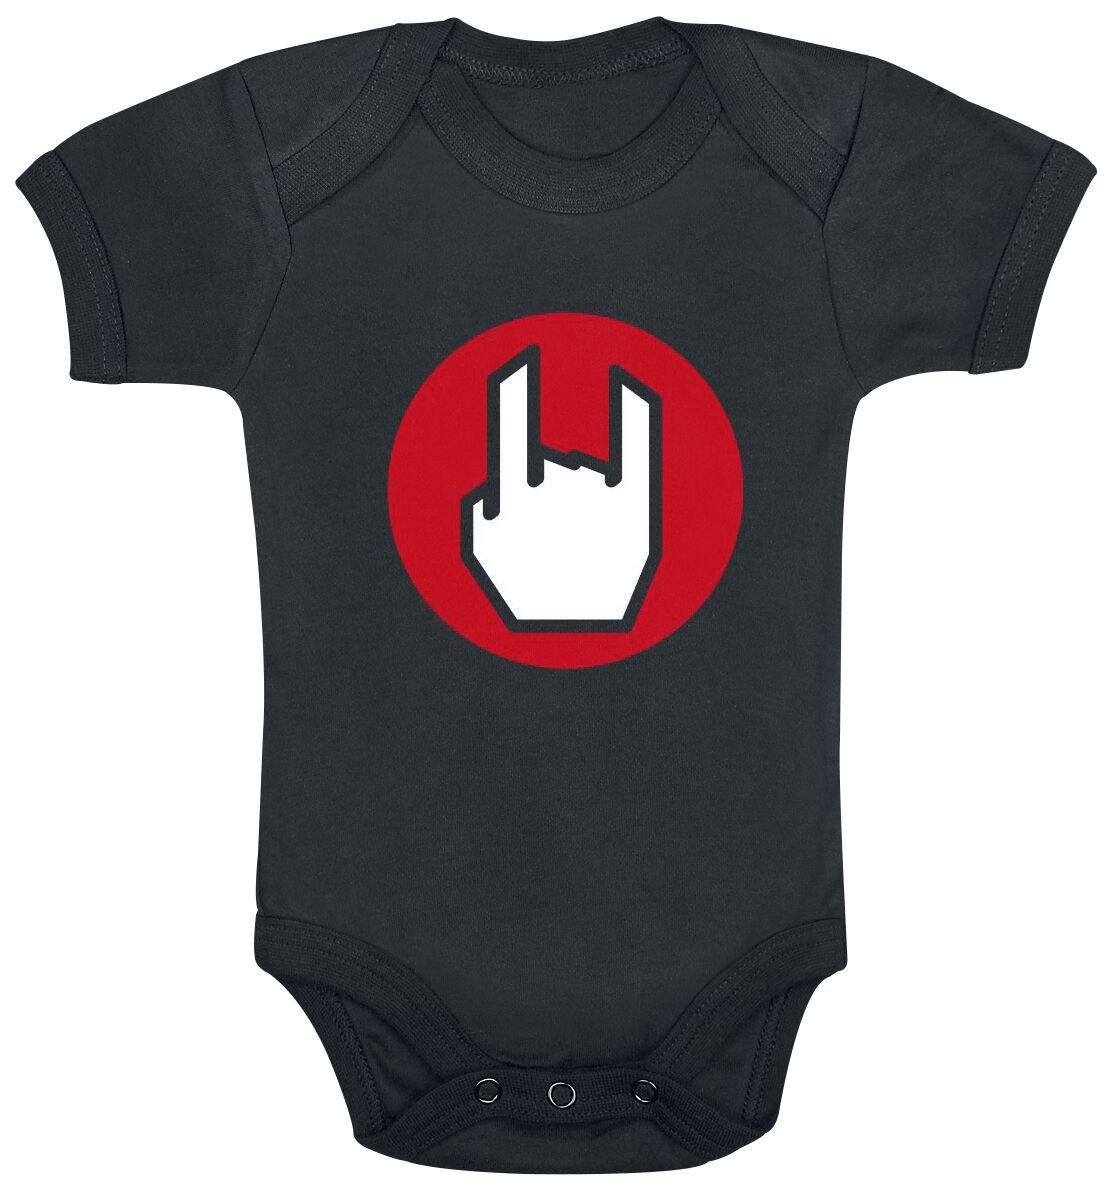 Fun Shirts - Odzież dziecięca i niemowlęca - Body EMP Logo Body czarny - 361781